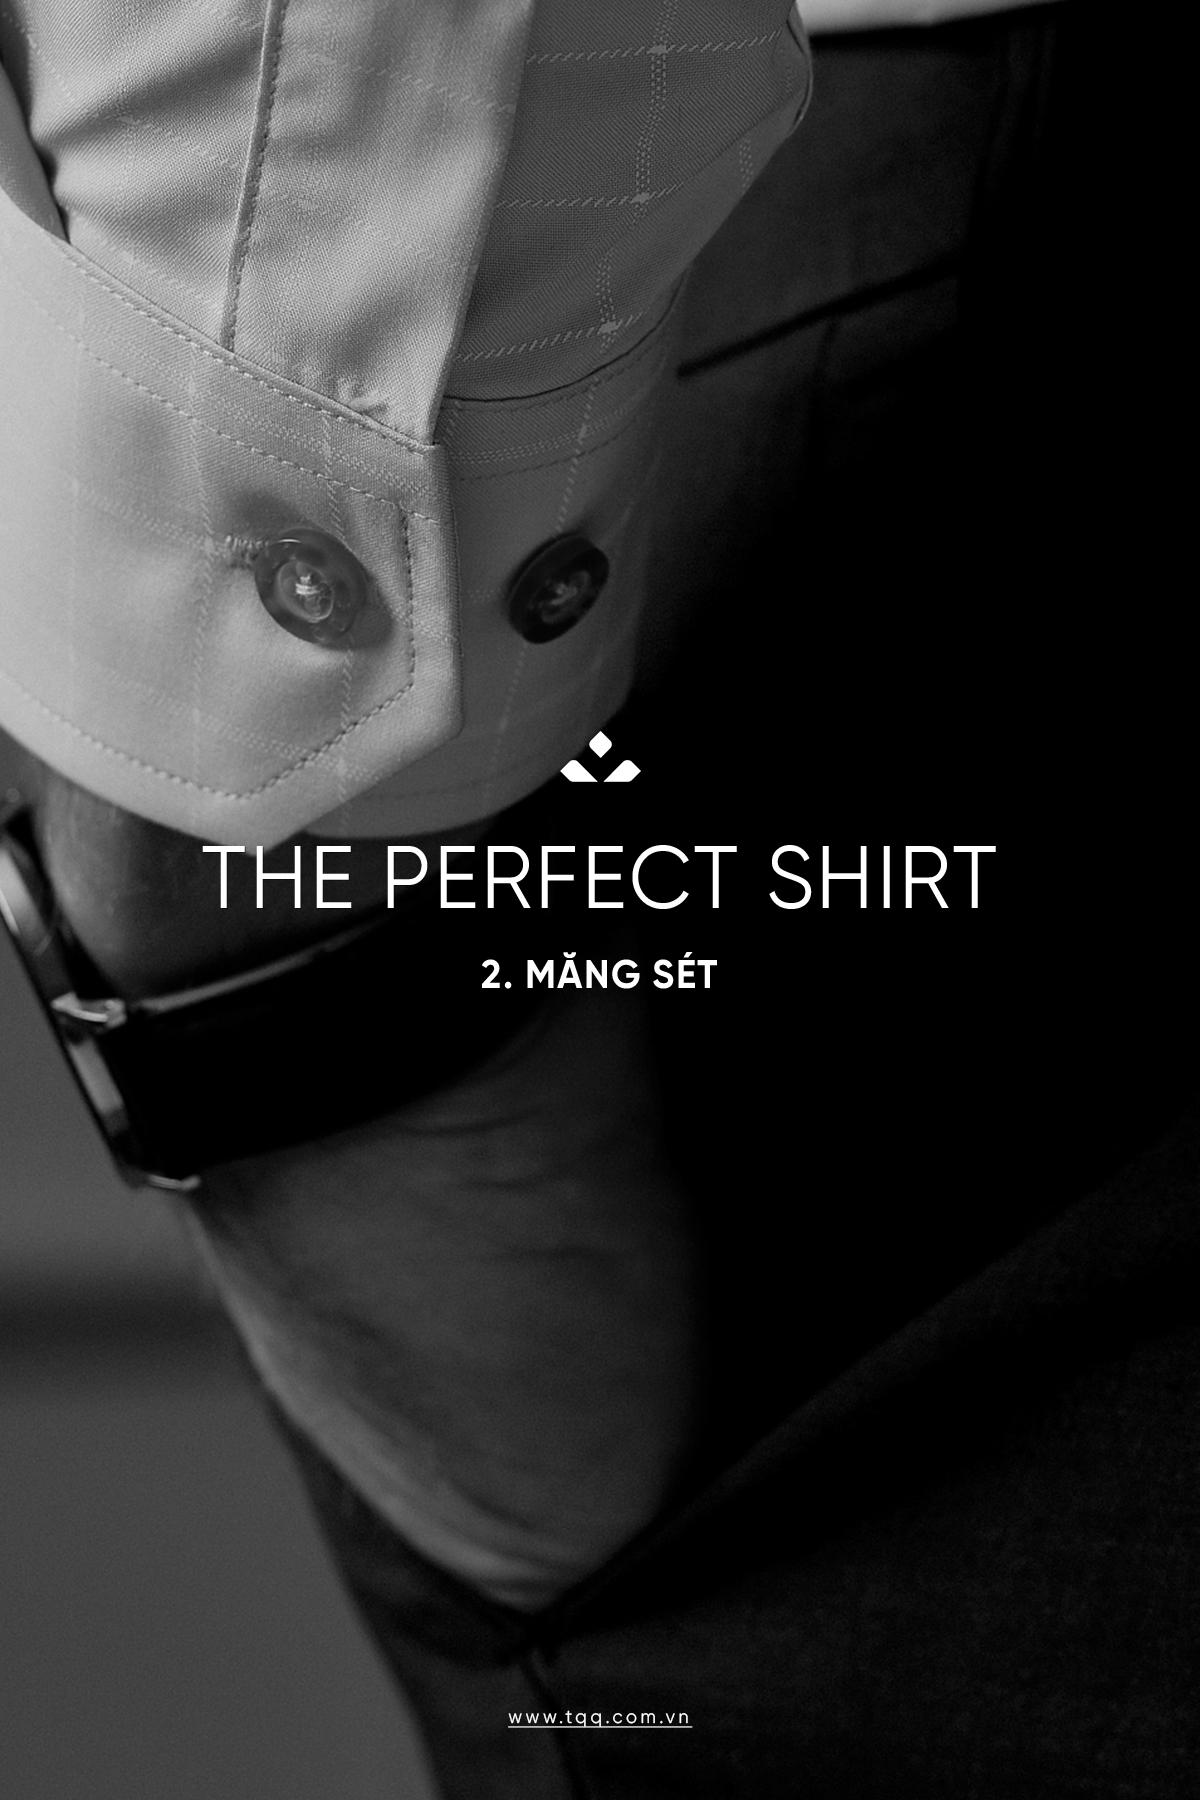 Măng sét tay cần được may kỹ càng để luôn giữ được form áo kể cả là khi tra cúc hay khi xắn tay áo